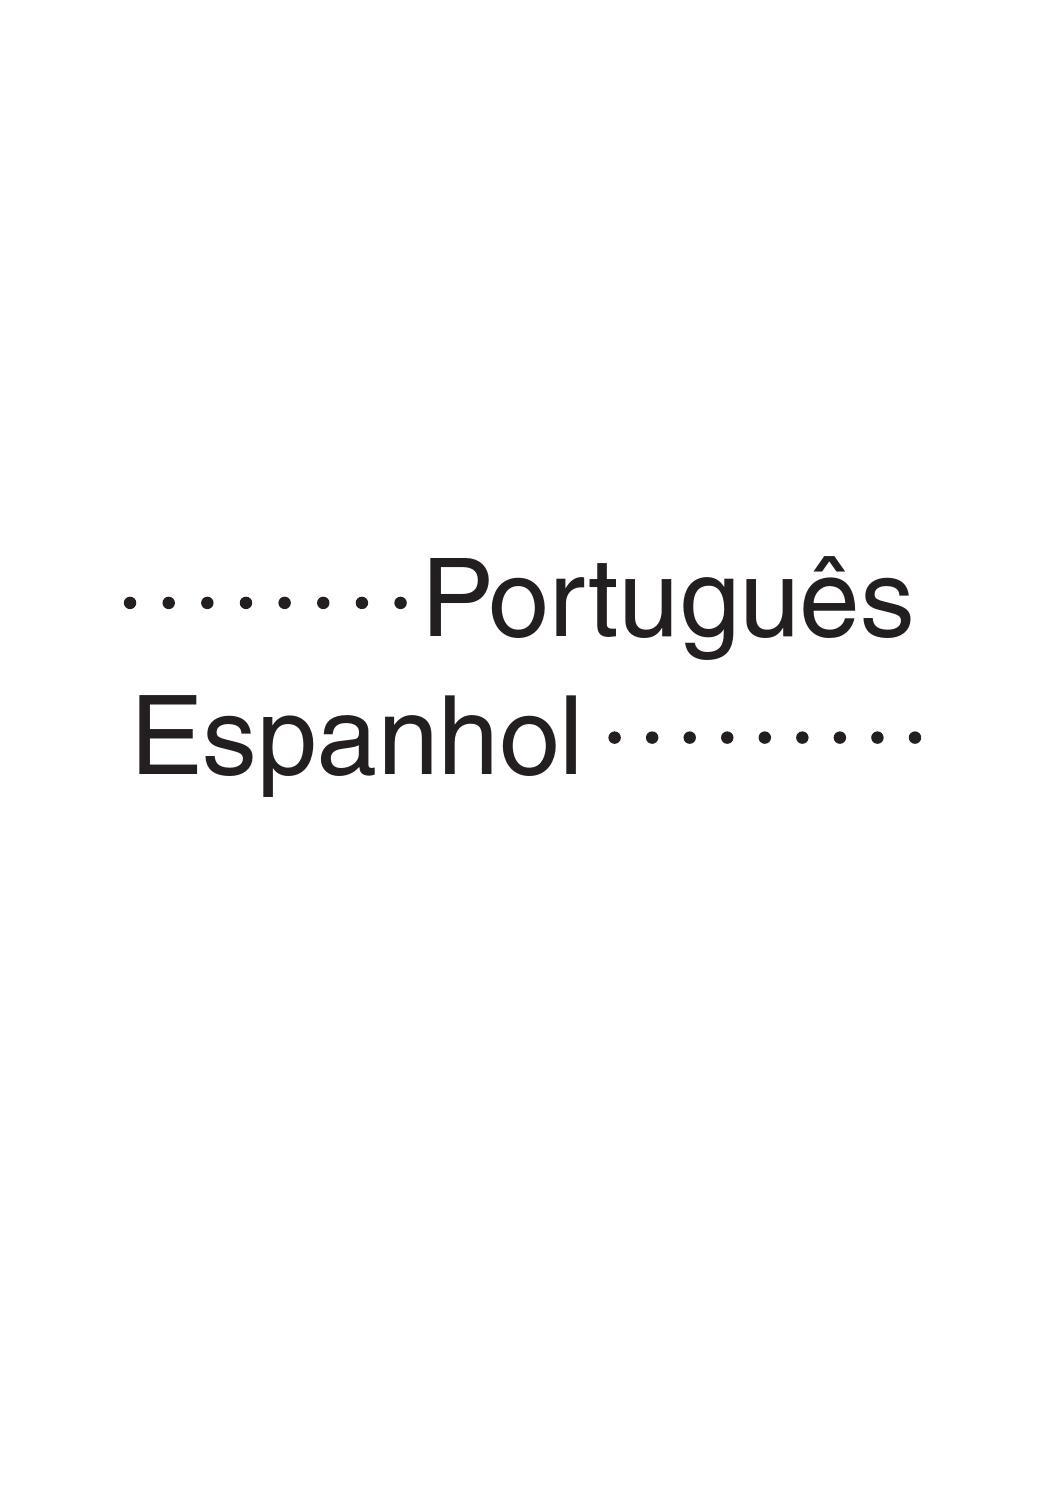 Convertidor De Letras Cursivas Para Tatuajes dic portu espespañol al día - issuu